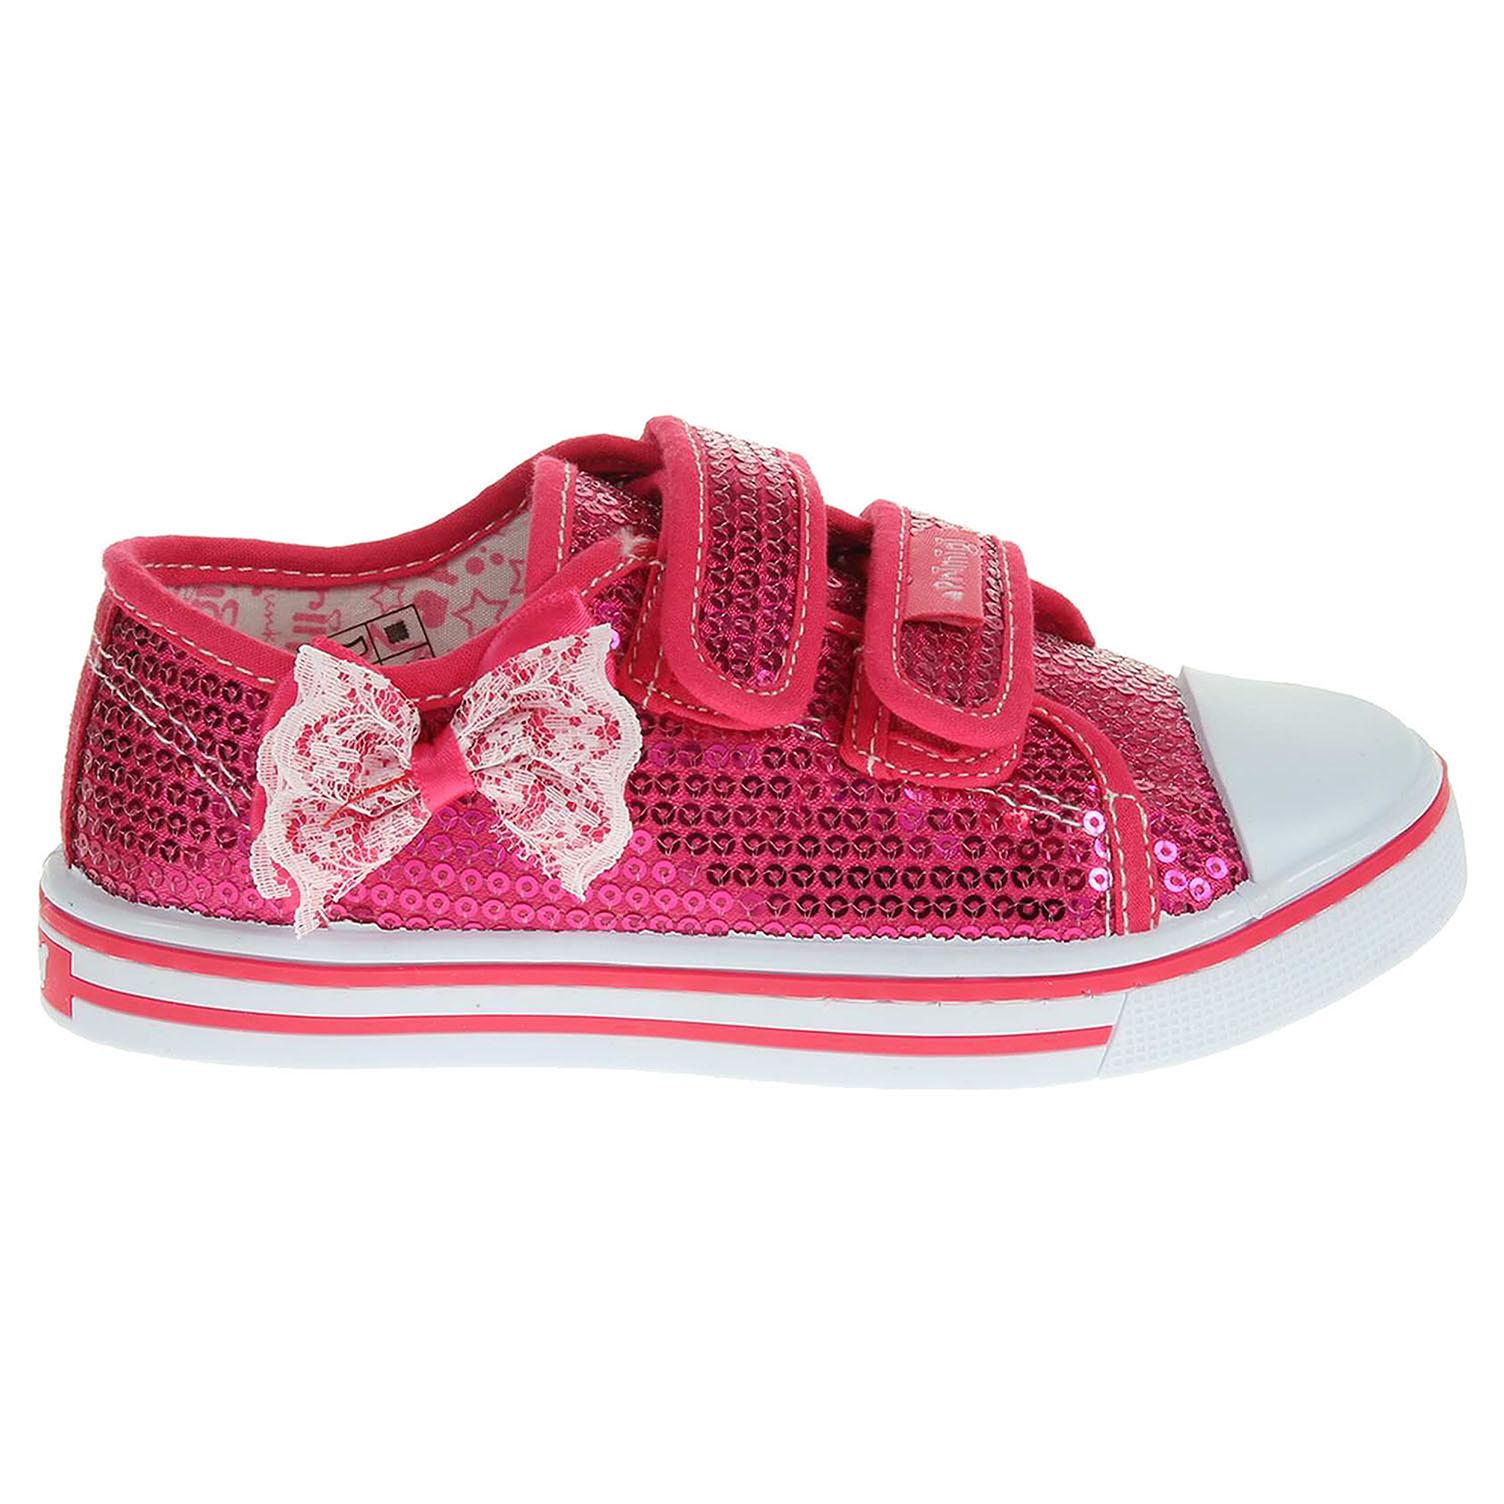 Primigi Funky 5249300 dívčí obuv růžová 23